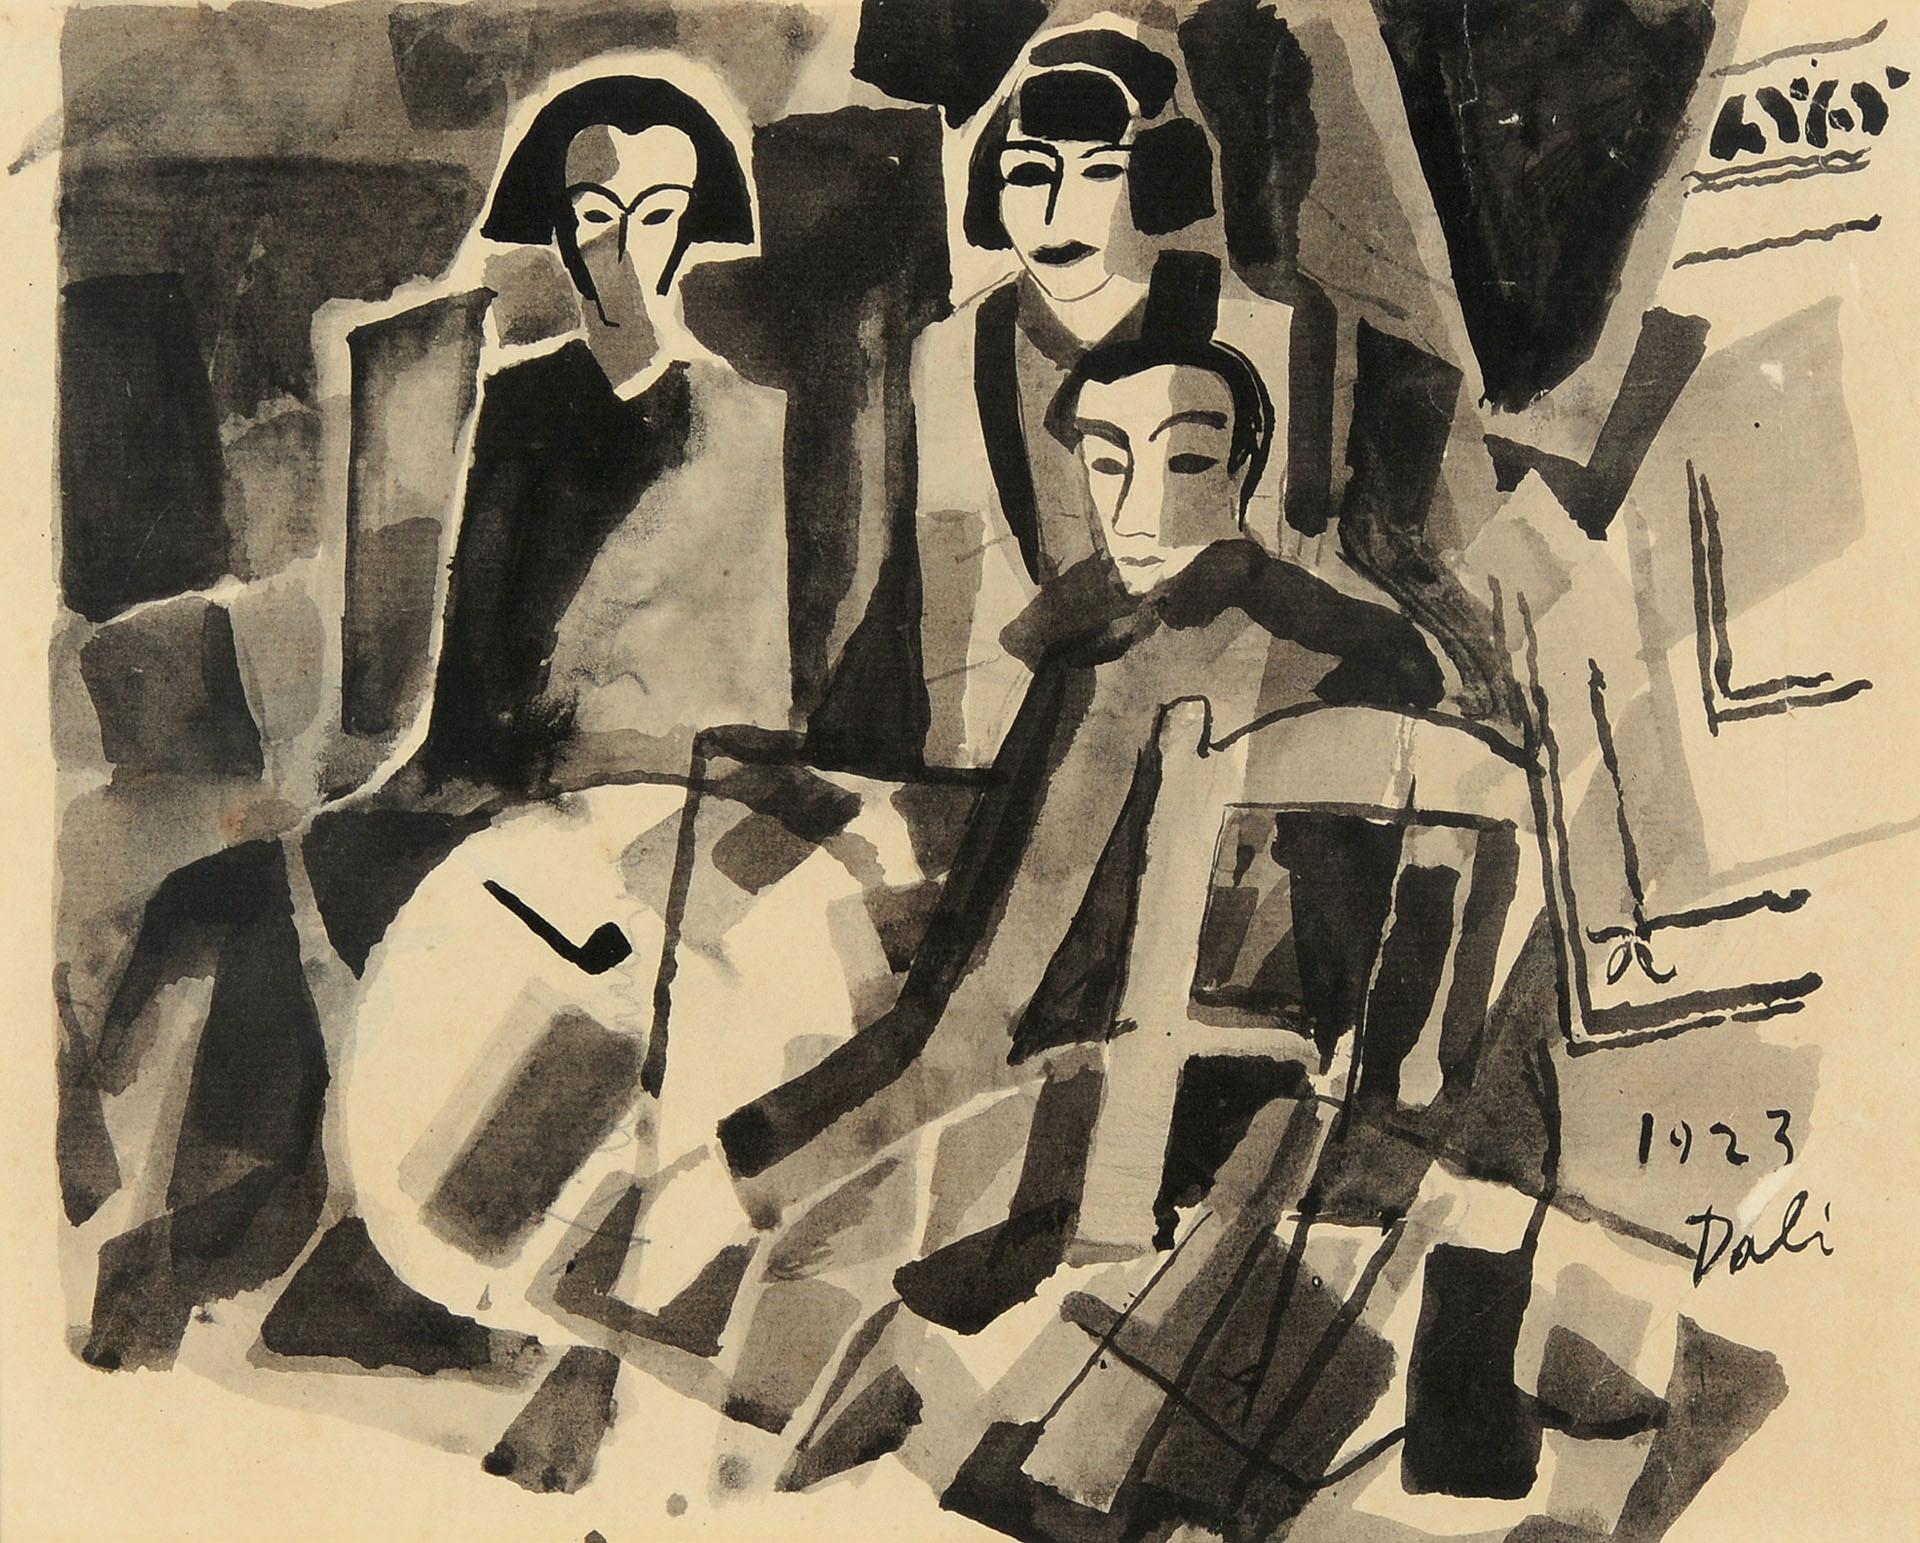 Dalí Salvador, Recto: El artista y Maruja Mallo en el café de Oriente; verso: Estudio